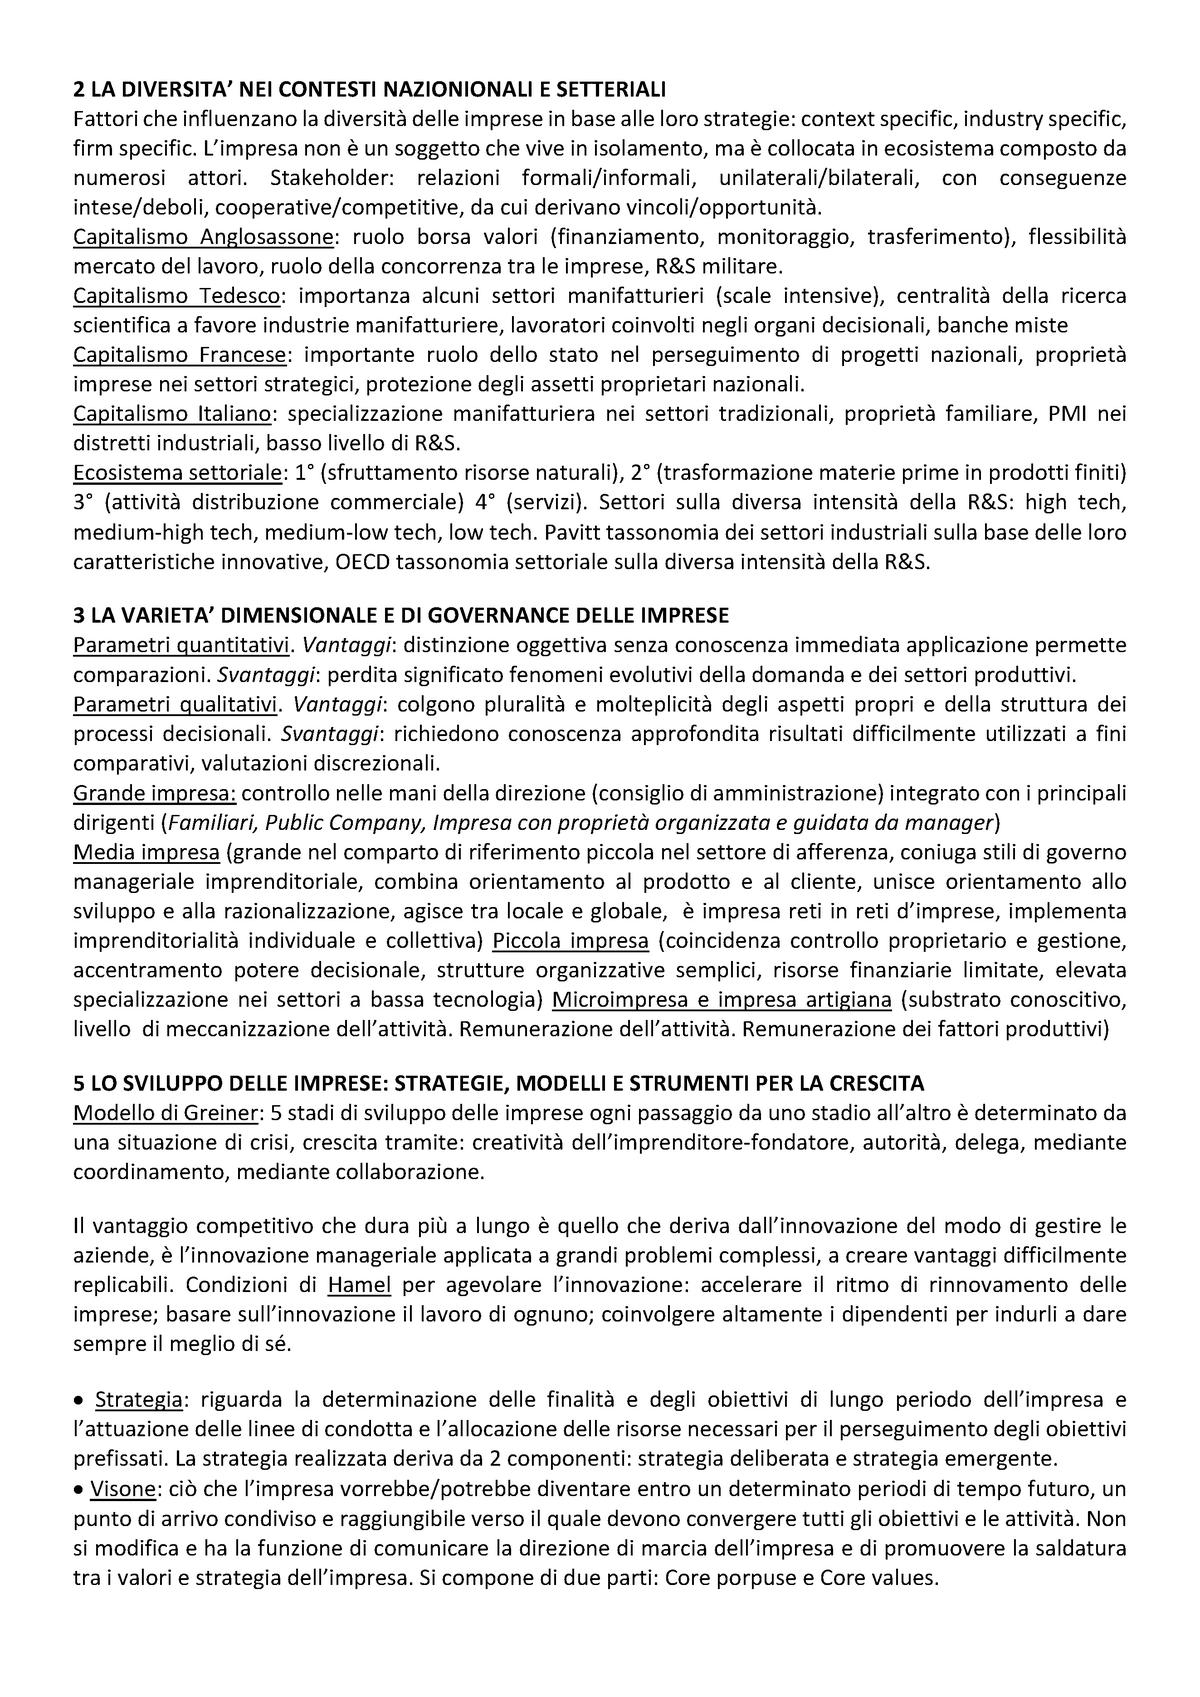 06fcae36443d Riassunto BREVE - Economia e Gestione delle imprese - StuDocu